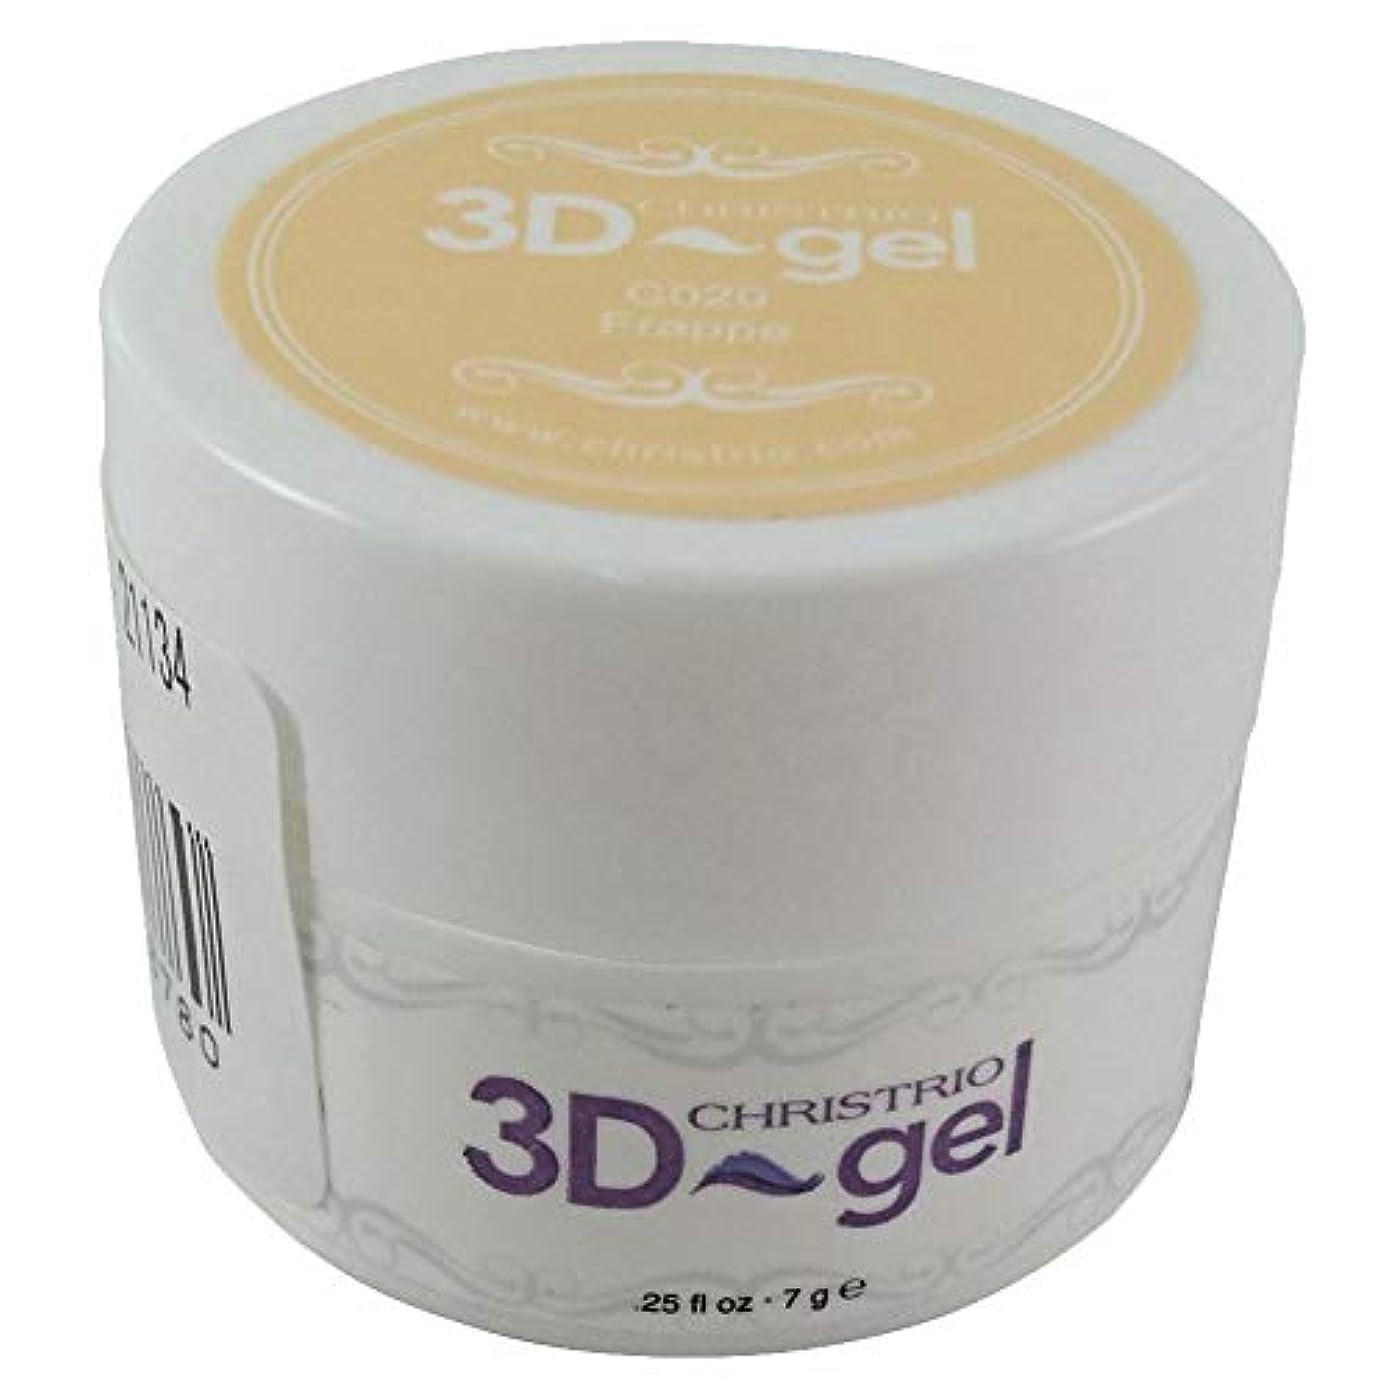 通り抜けるではごきげんようプールCHRISTRIO 3Dジェル 7g C020 フラッペ